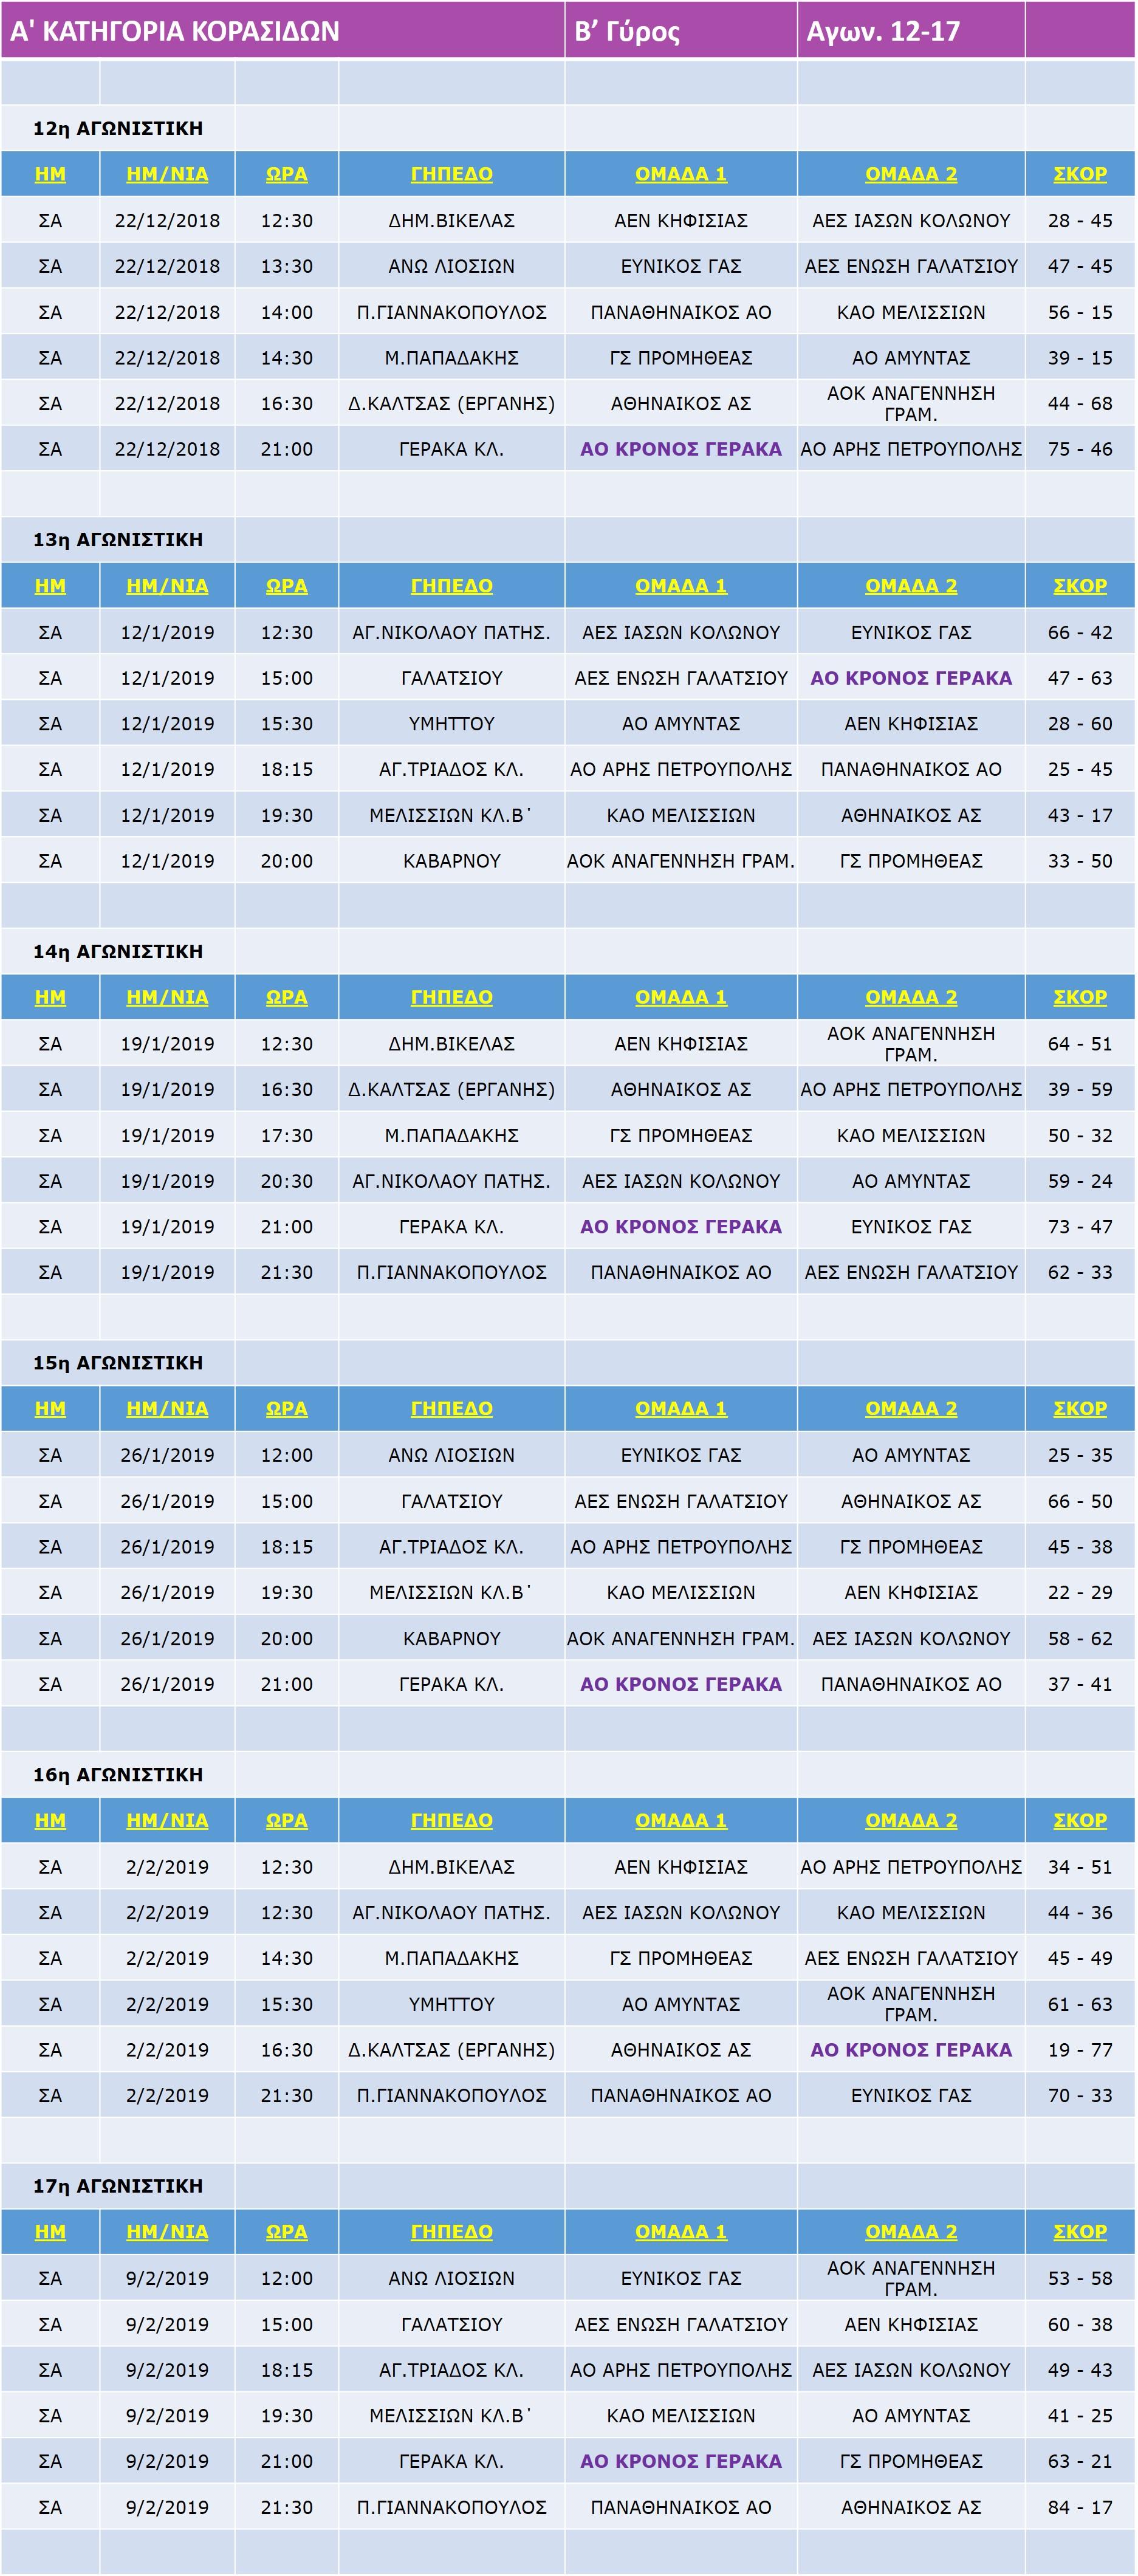 Korasides_Match_A_12-17-17